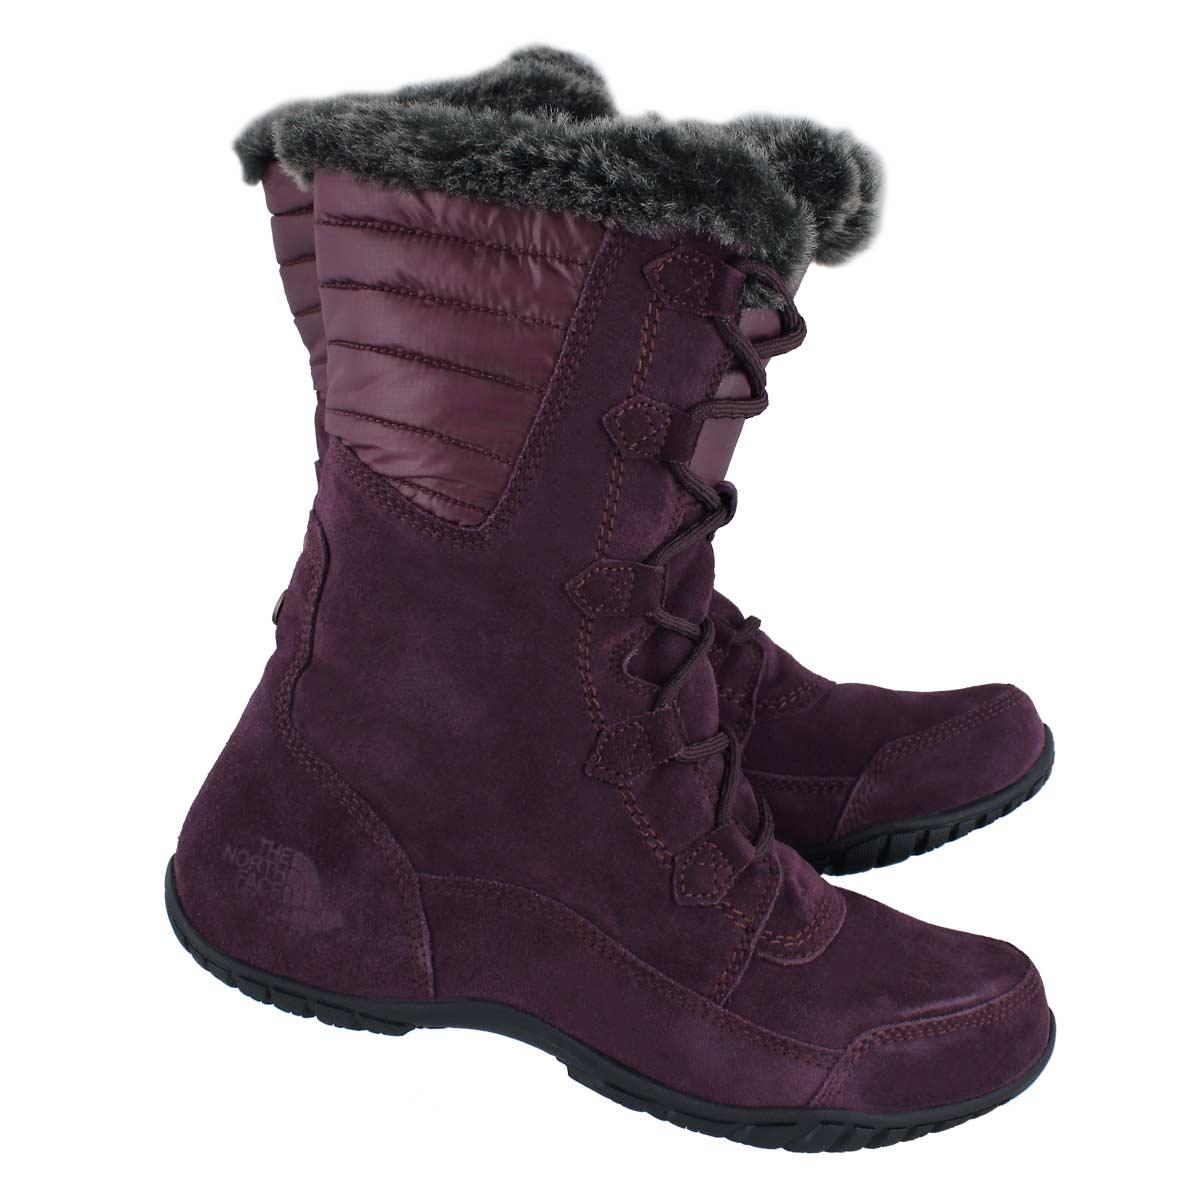 Lds Nuptse Purna II fig/blk wtpf boot